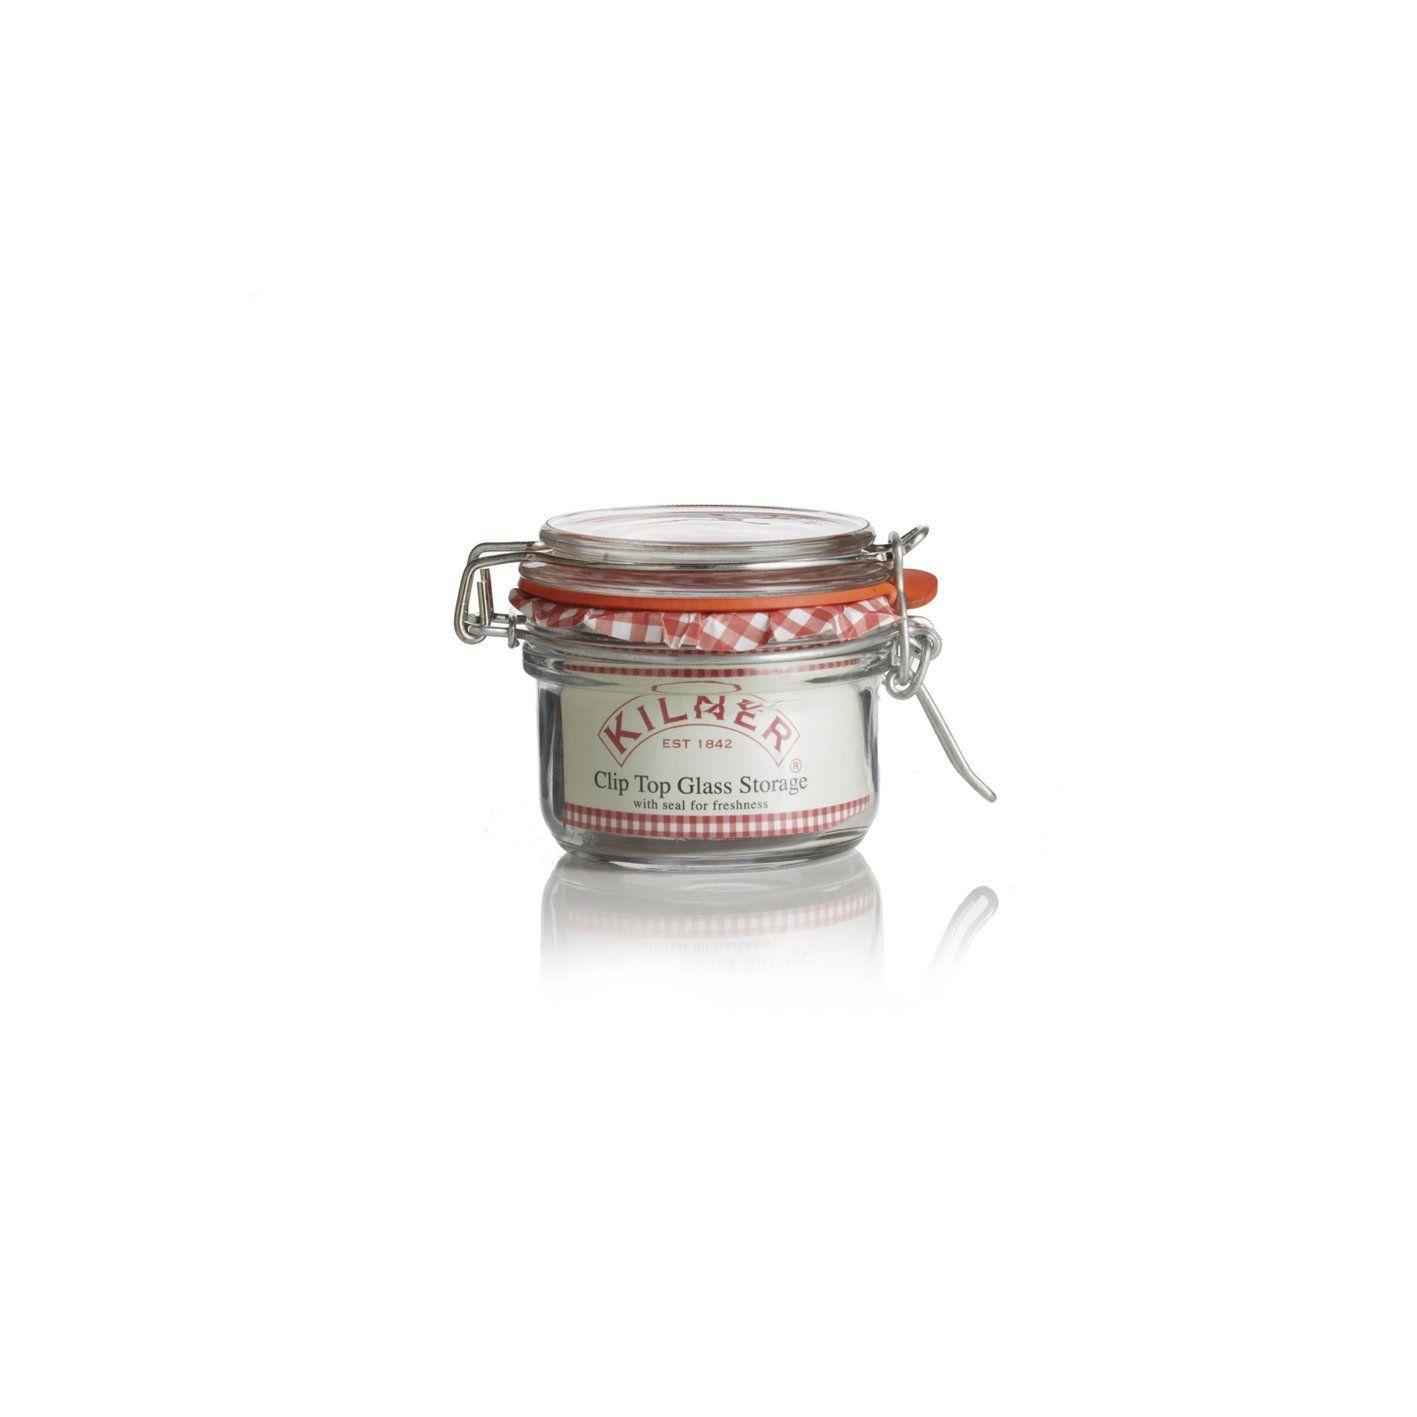 12 Clip Top Kilner Jam, Chutney Or Preserve Jars 125Ml Amazon